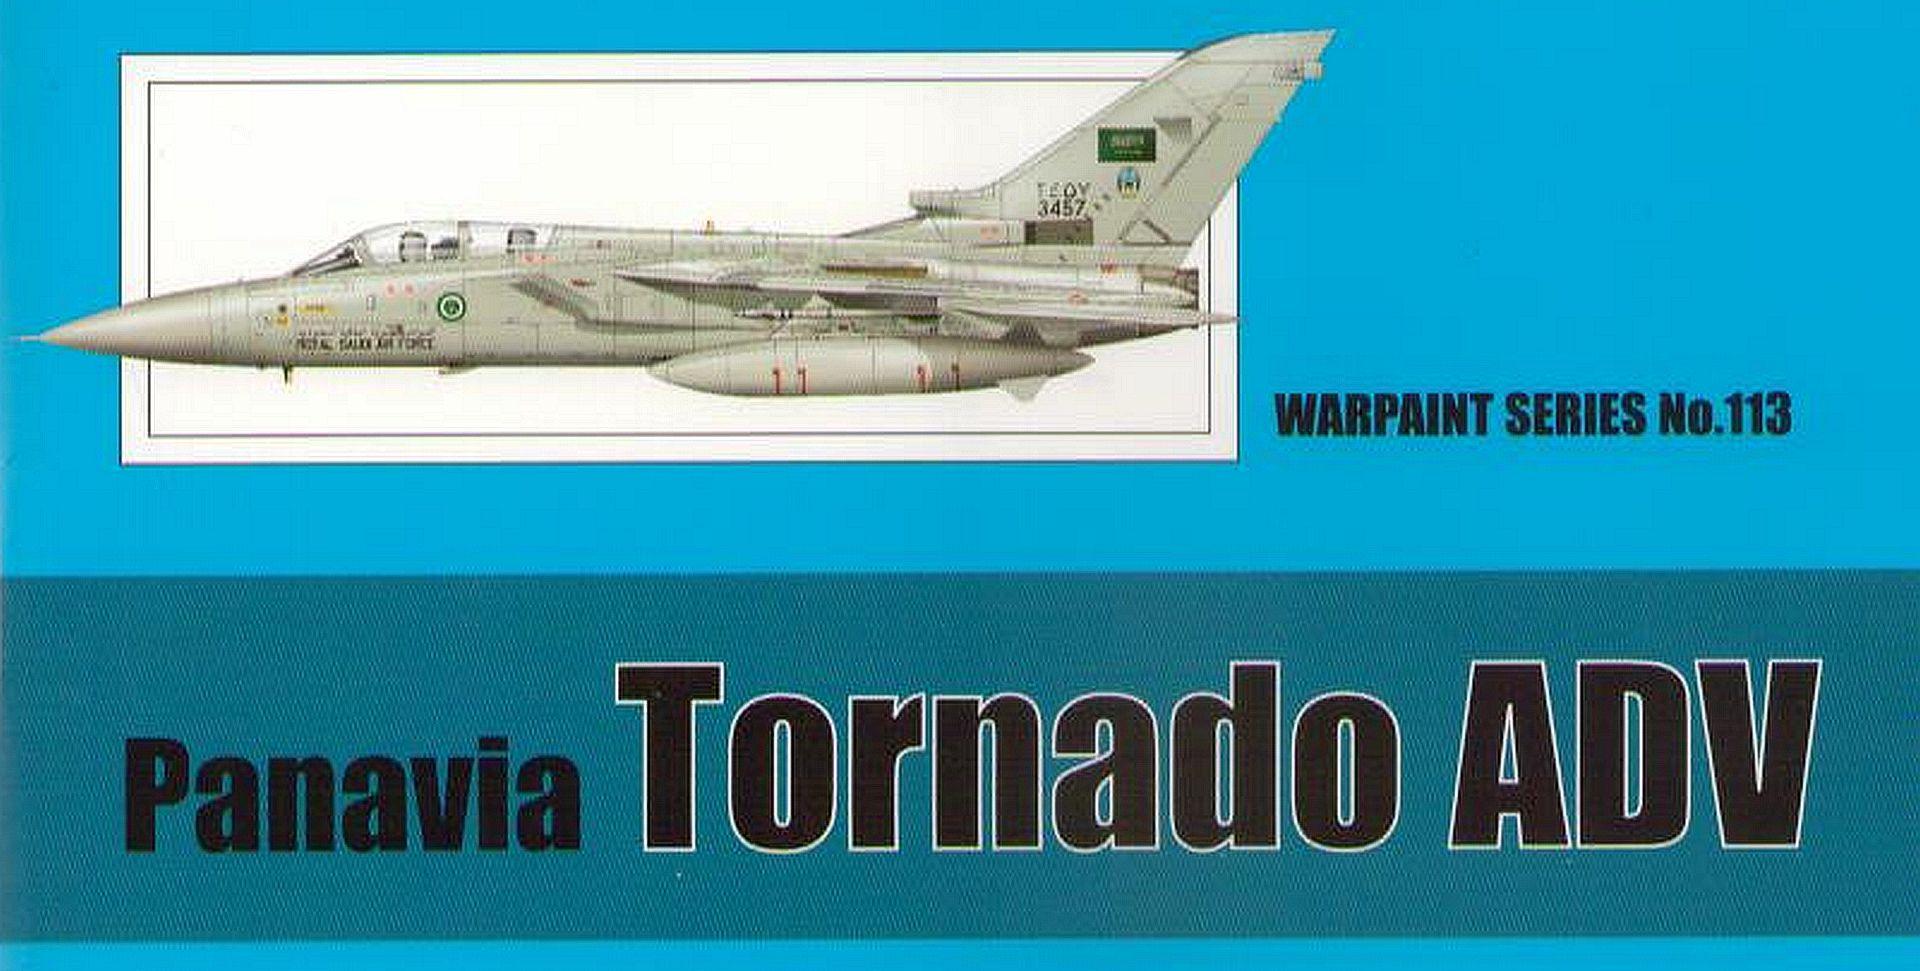 PANAVIA TORNADO ADV, WARPAINT BOOKS NO. 113